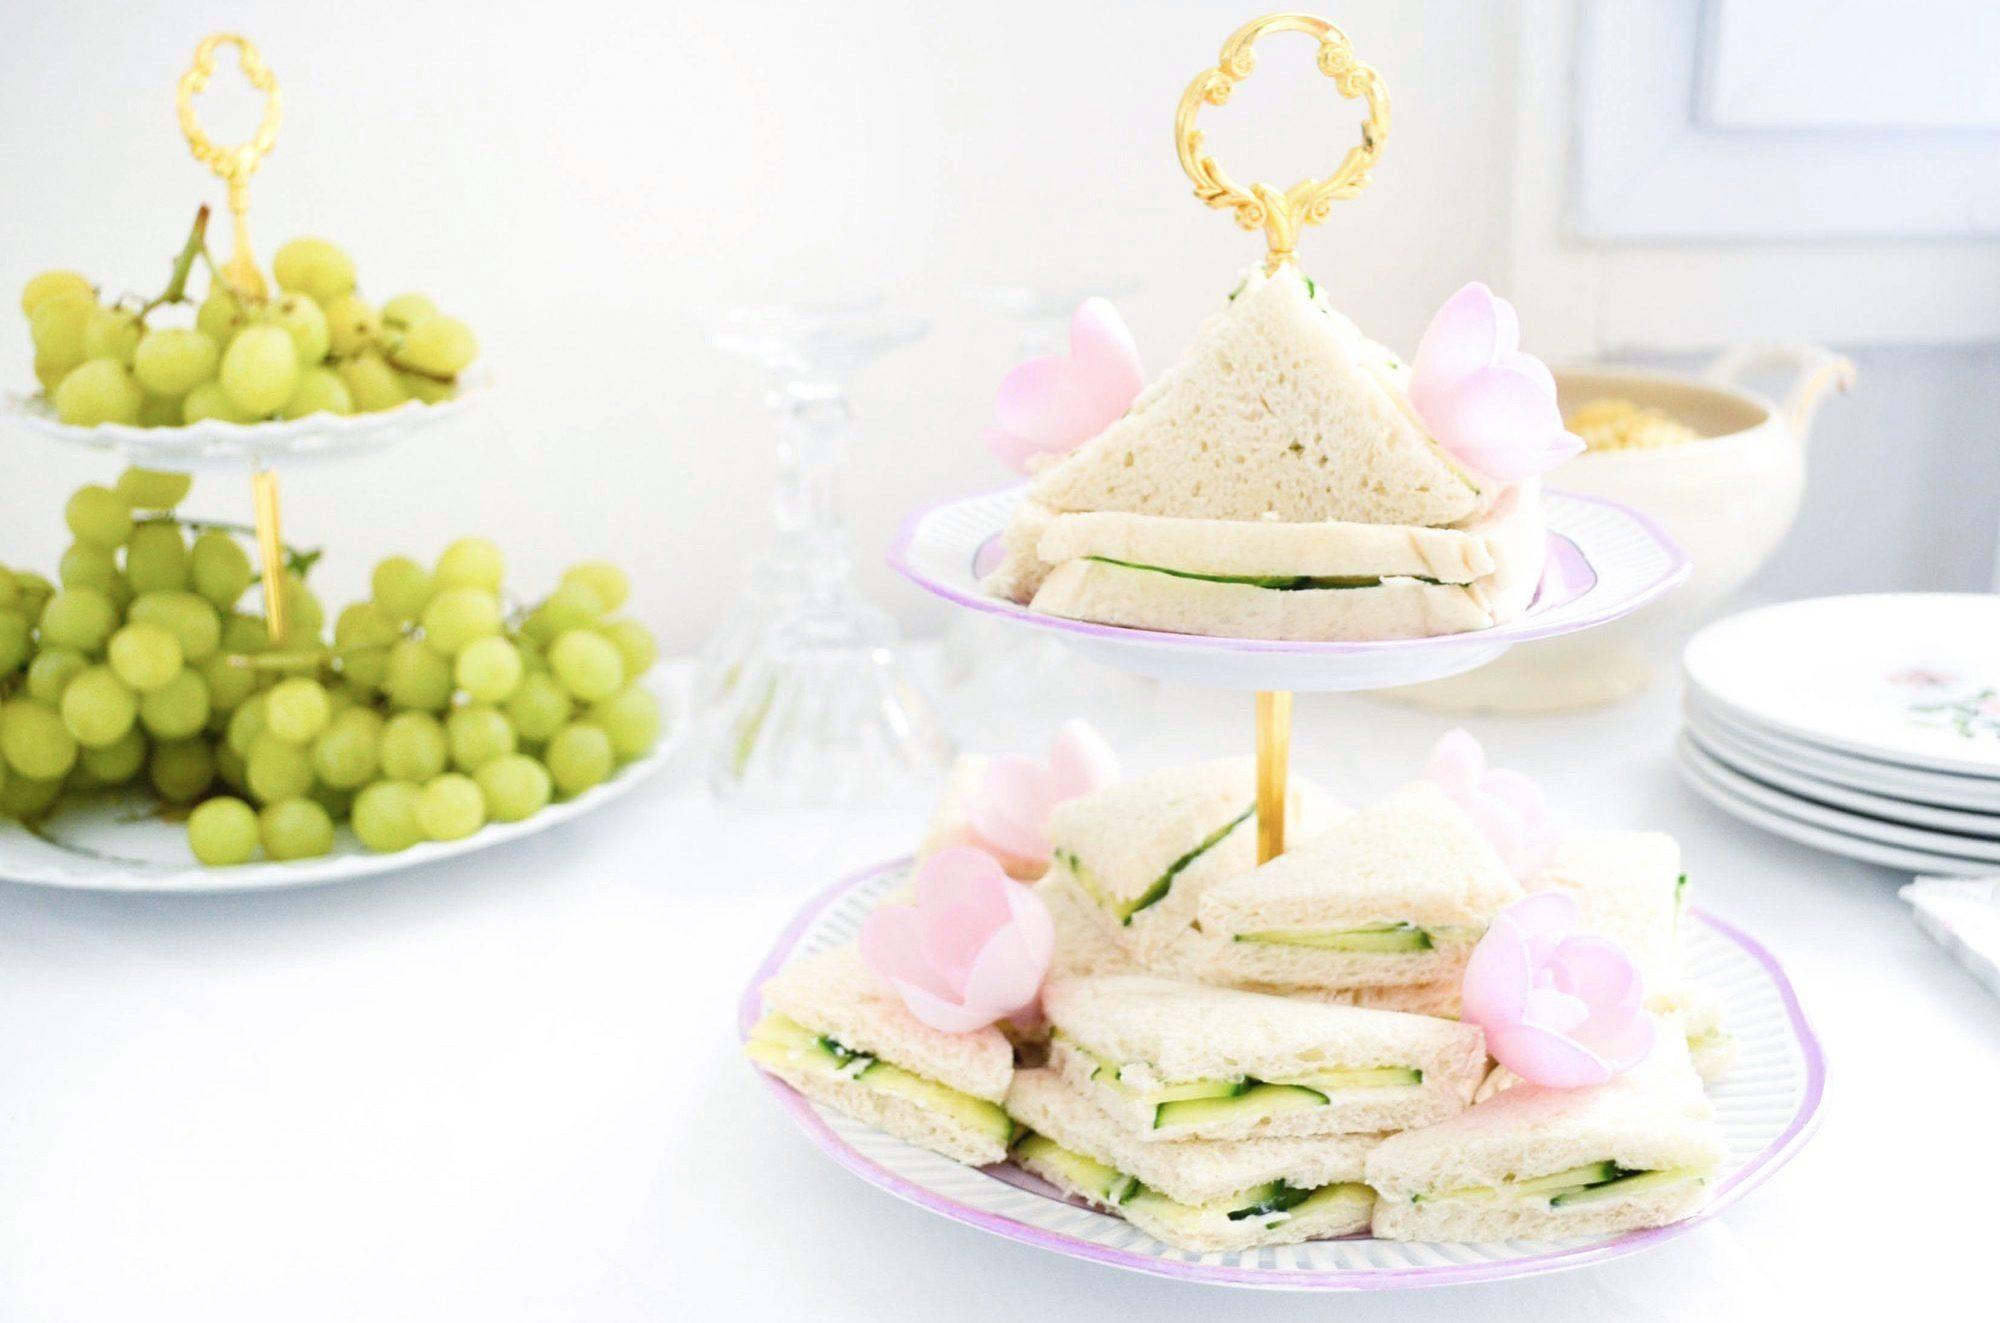 cakestand raisin bal de versailles sandwiches au concombre